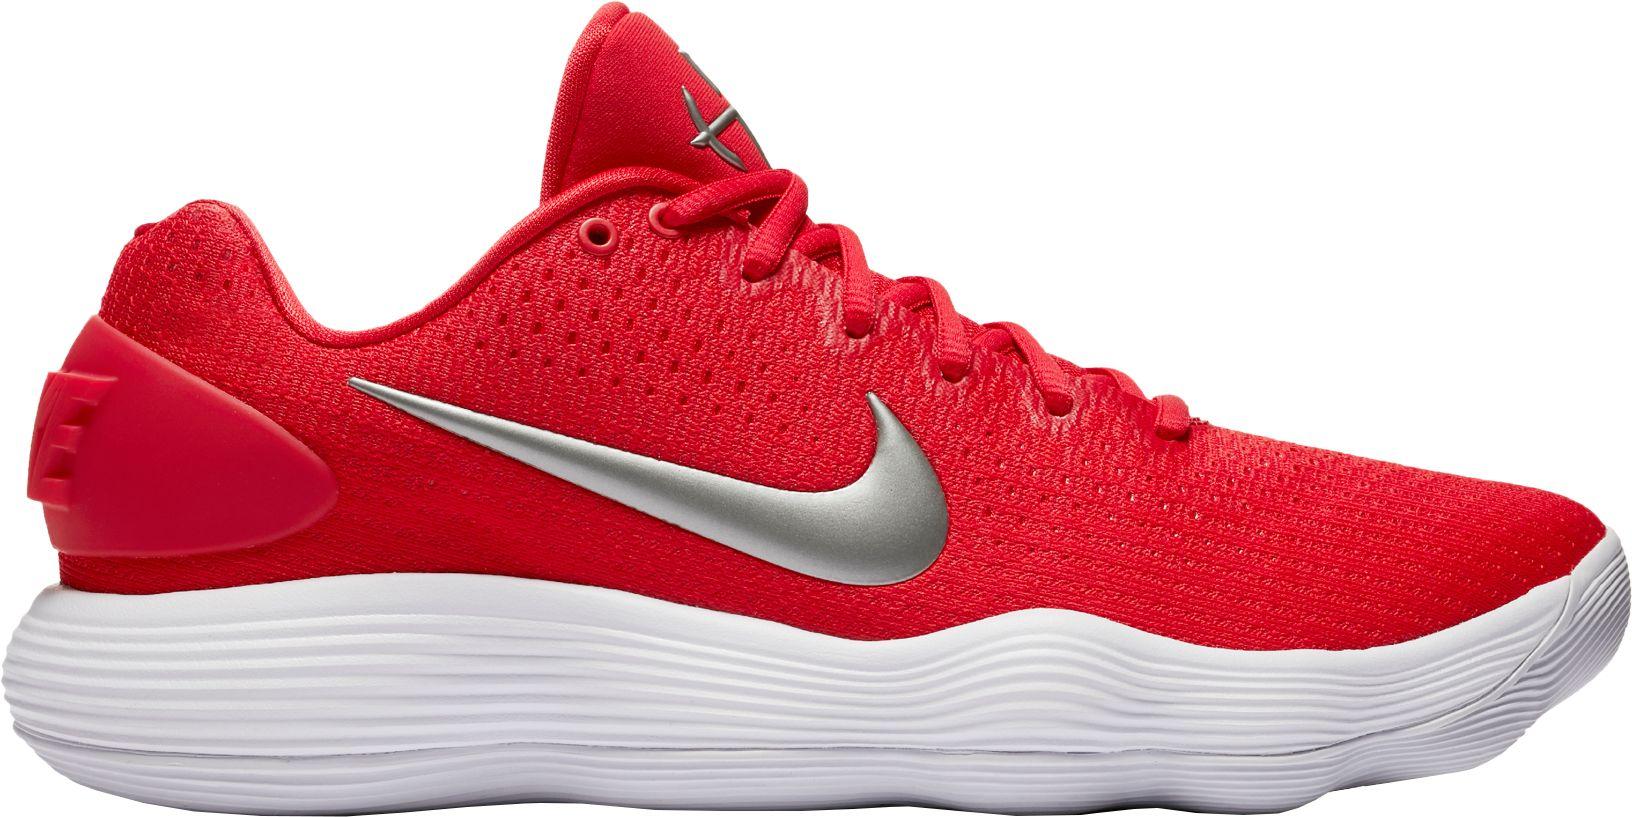 nike basketball shoes hyperdunk 2017. nike basketball shoes hyperdunk 2017